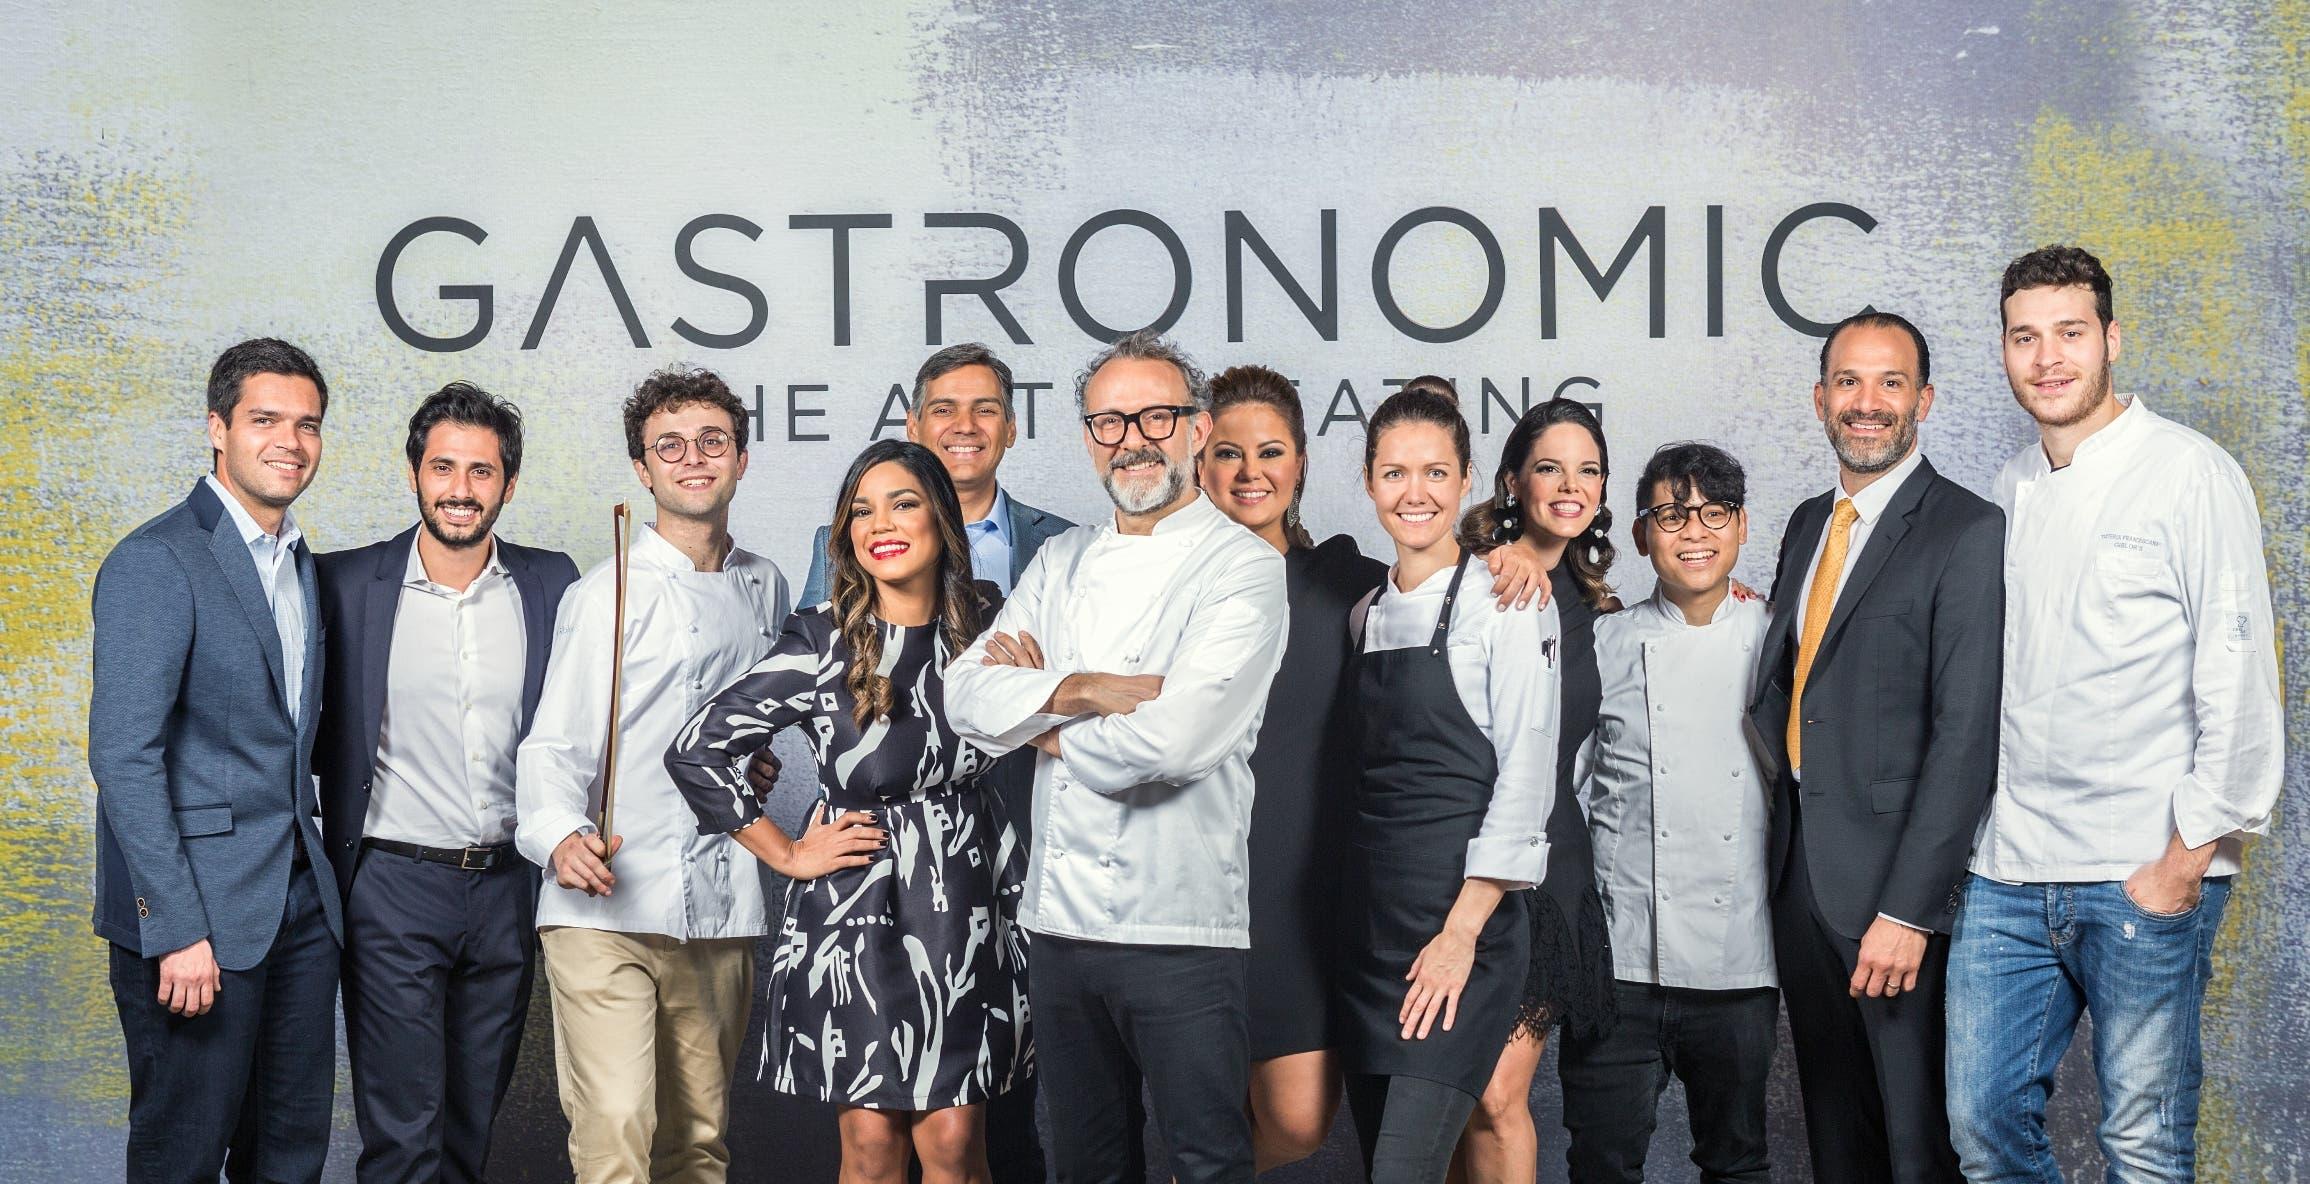 El equipo Gastronomic junto al equipo Bottura, durante una de las cenas.